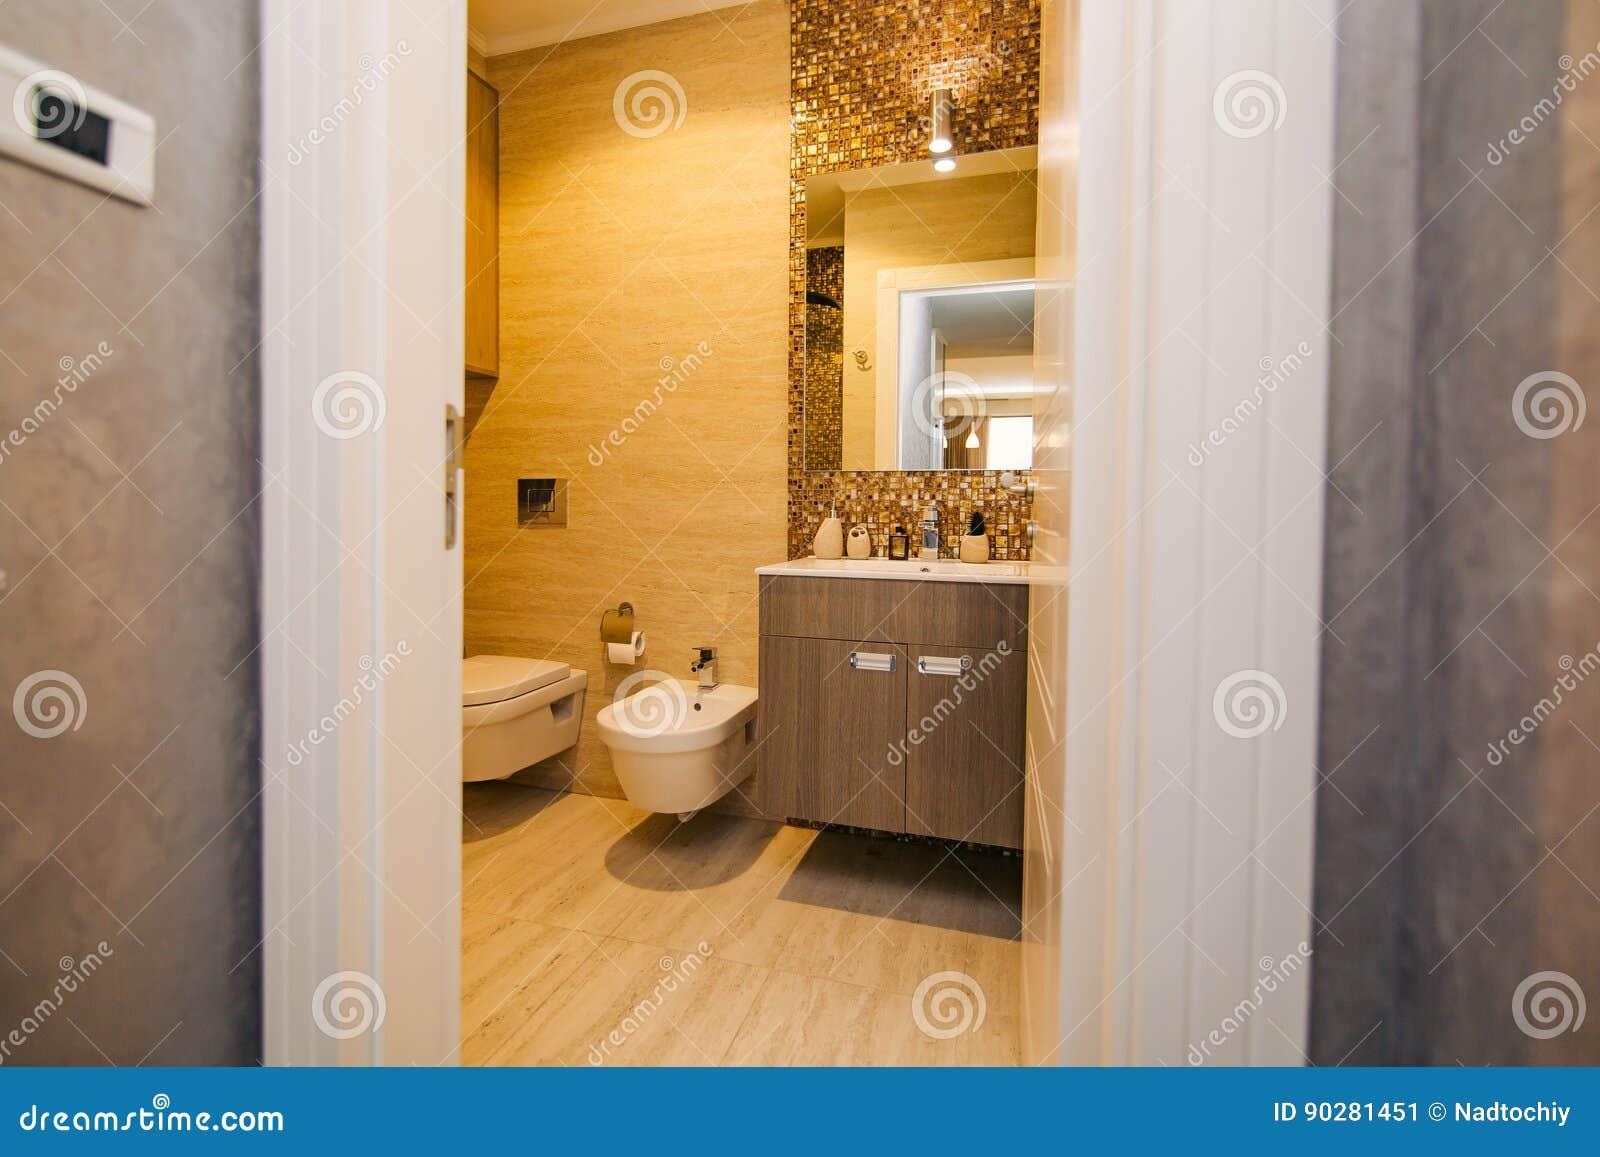 El Interior Del Cuarto De Baño Diseño Interior Cuarto De ...